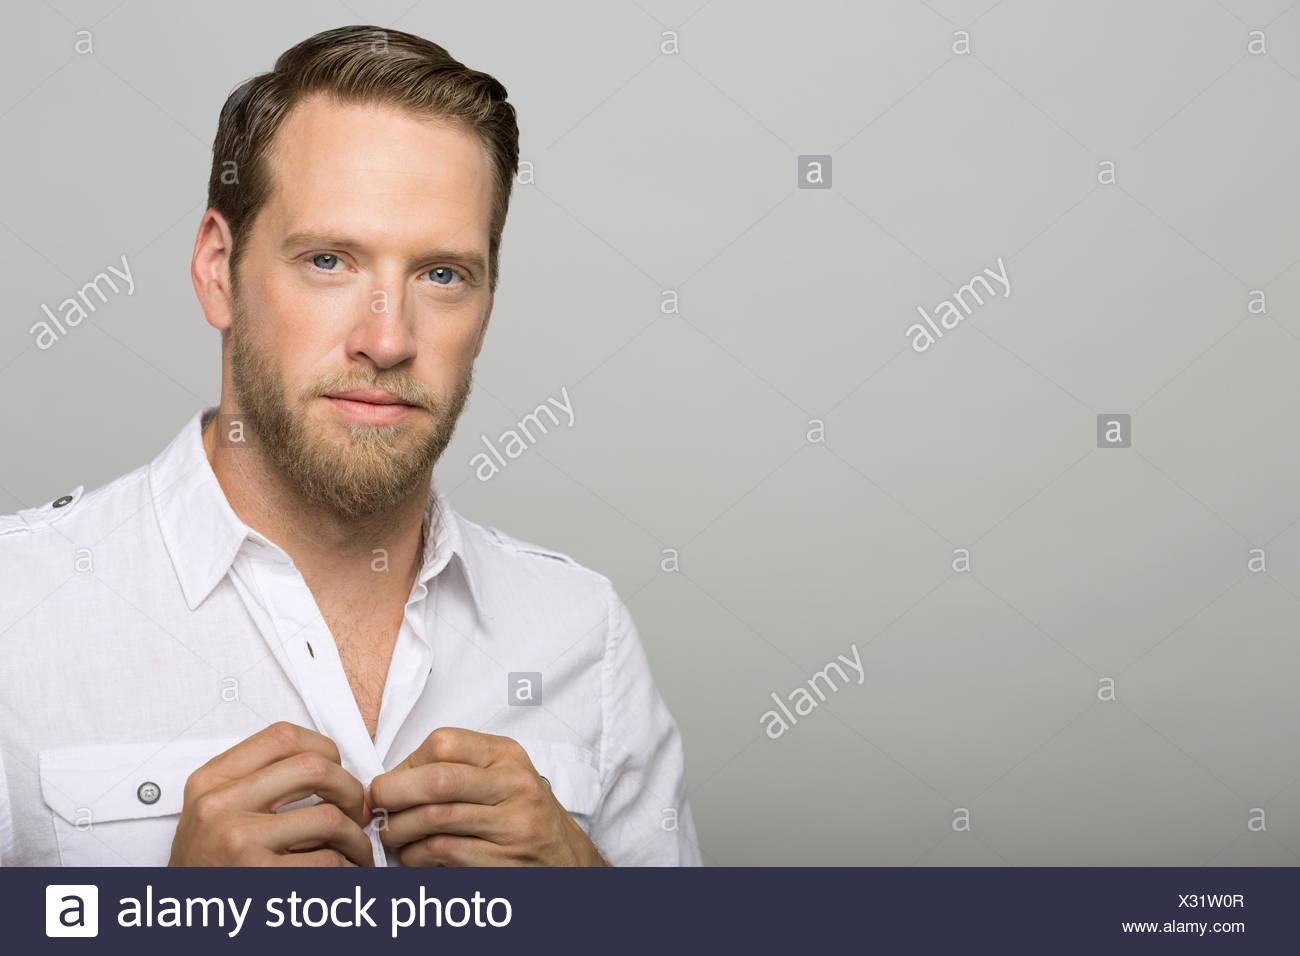 Ritratto di fiducioso uomo abbottonatura shirt Immagini Stock